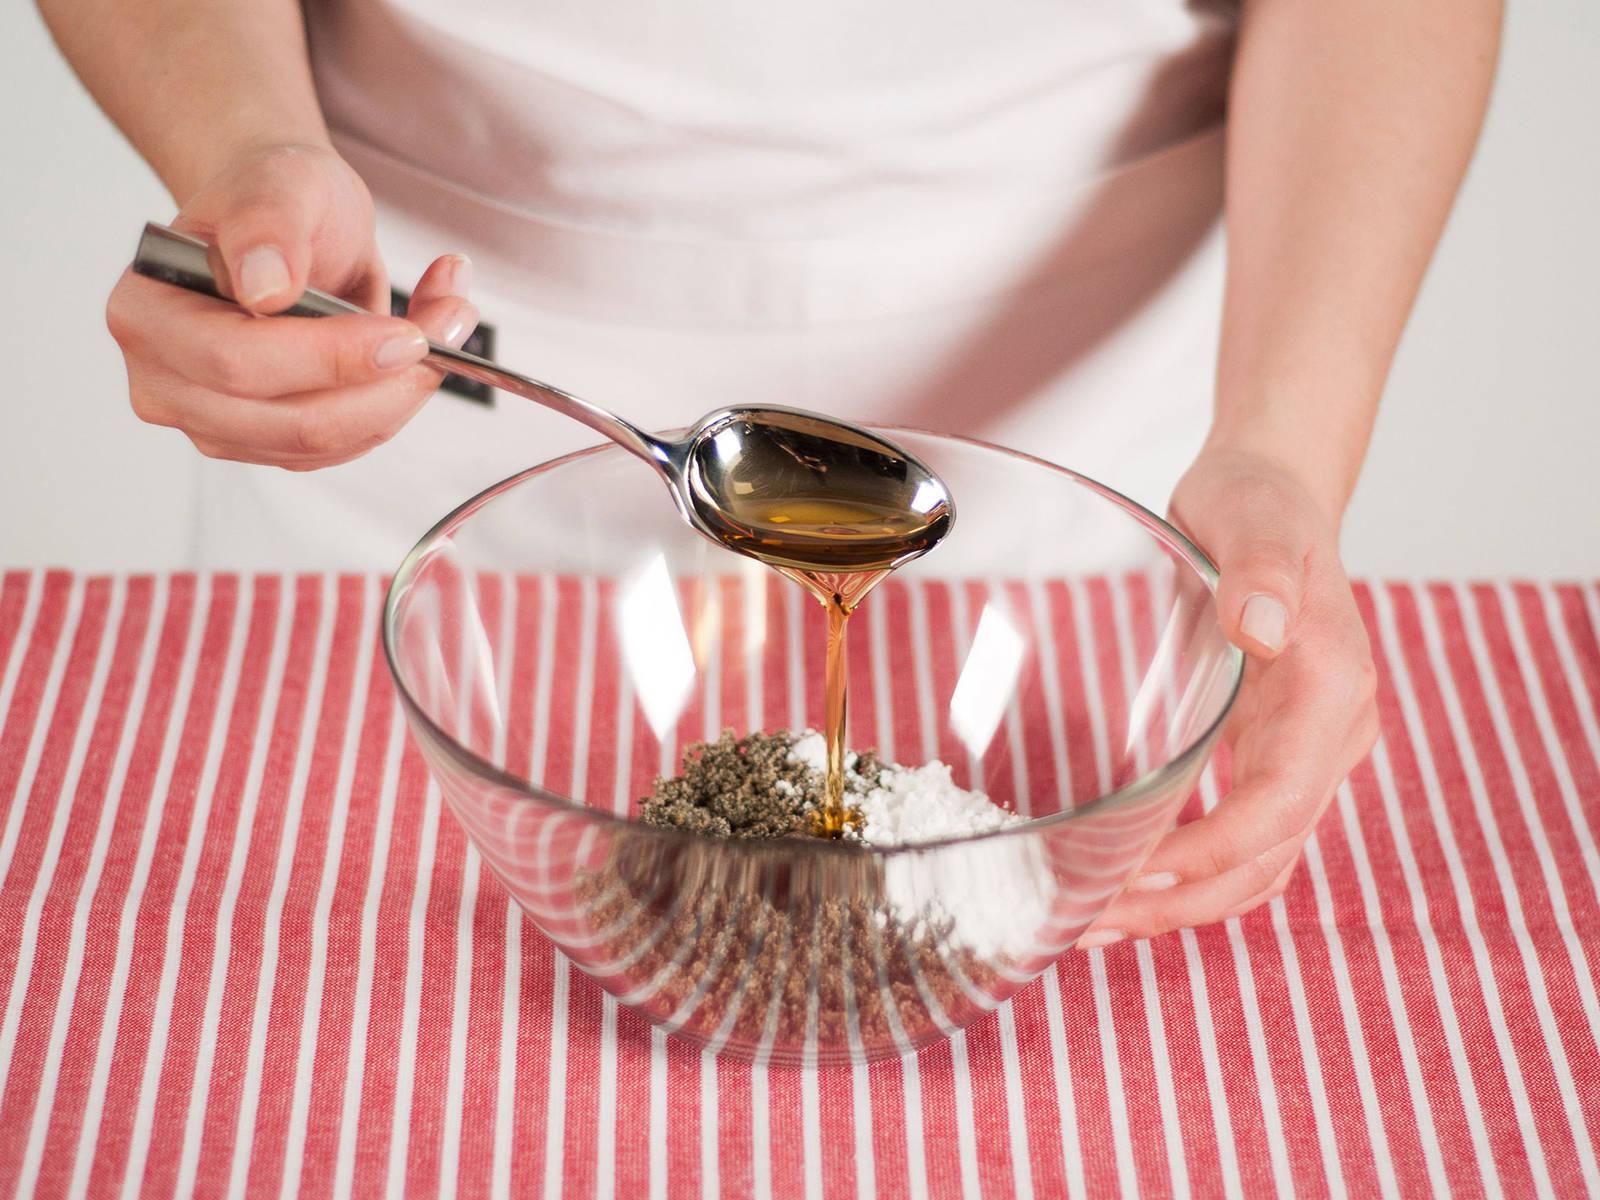 将花生与黑芝麻分别放入煎锅中烘熟, 再用食品料理机磨碎。然后将其放入小碗中,加入糖粉与枫糖搅拌均匀。